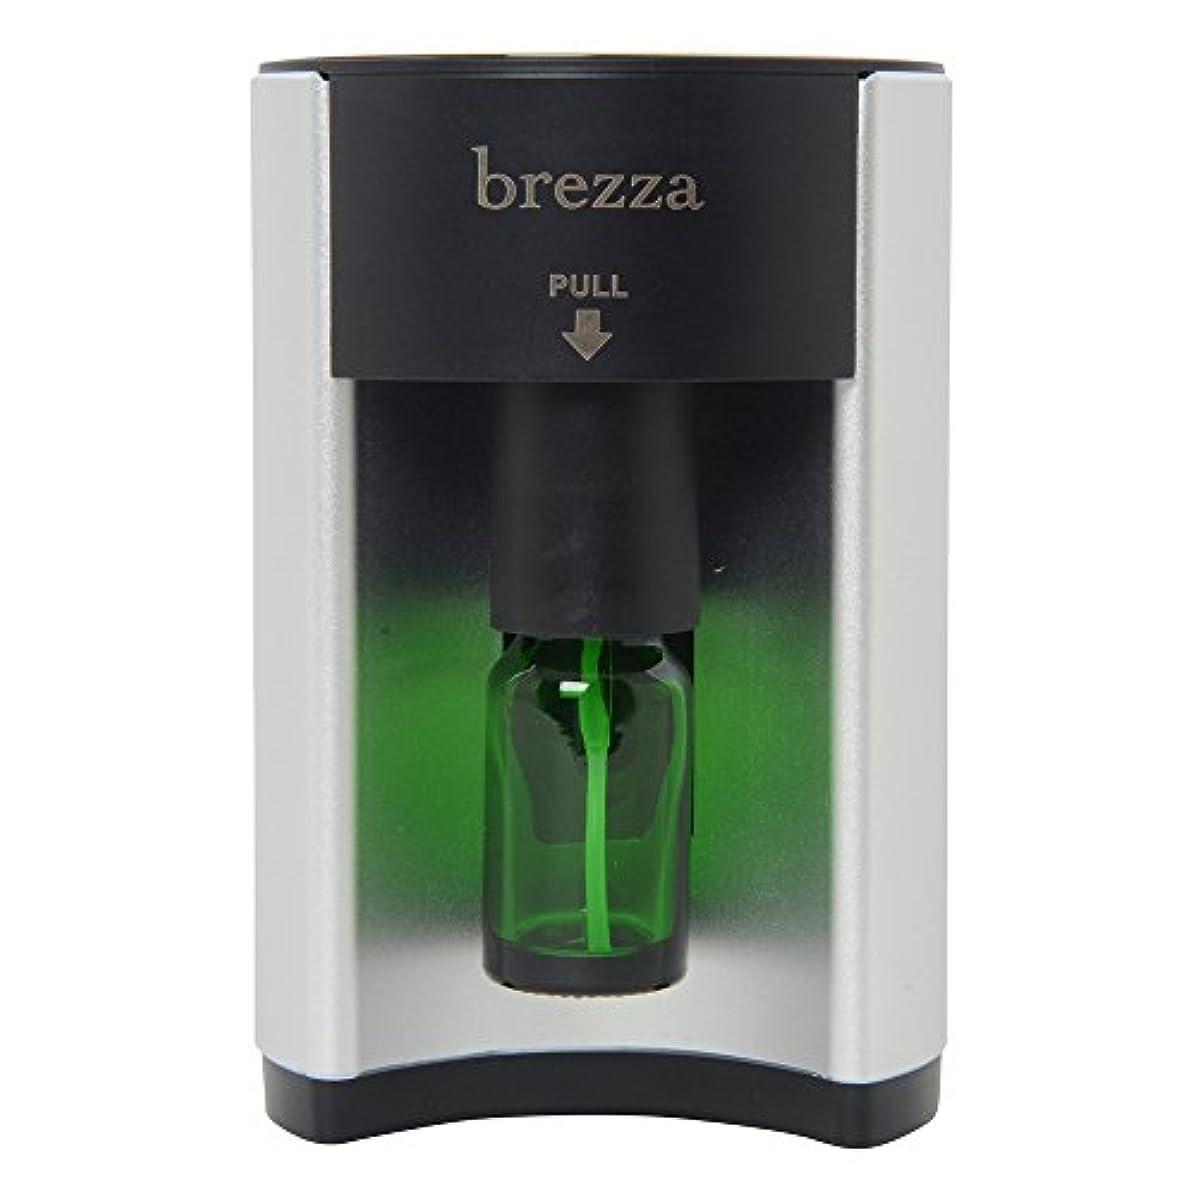 報奨金小数のためにフレーバーライフ brezza(ブレッザ) アロマディフューザー